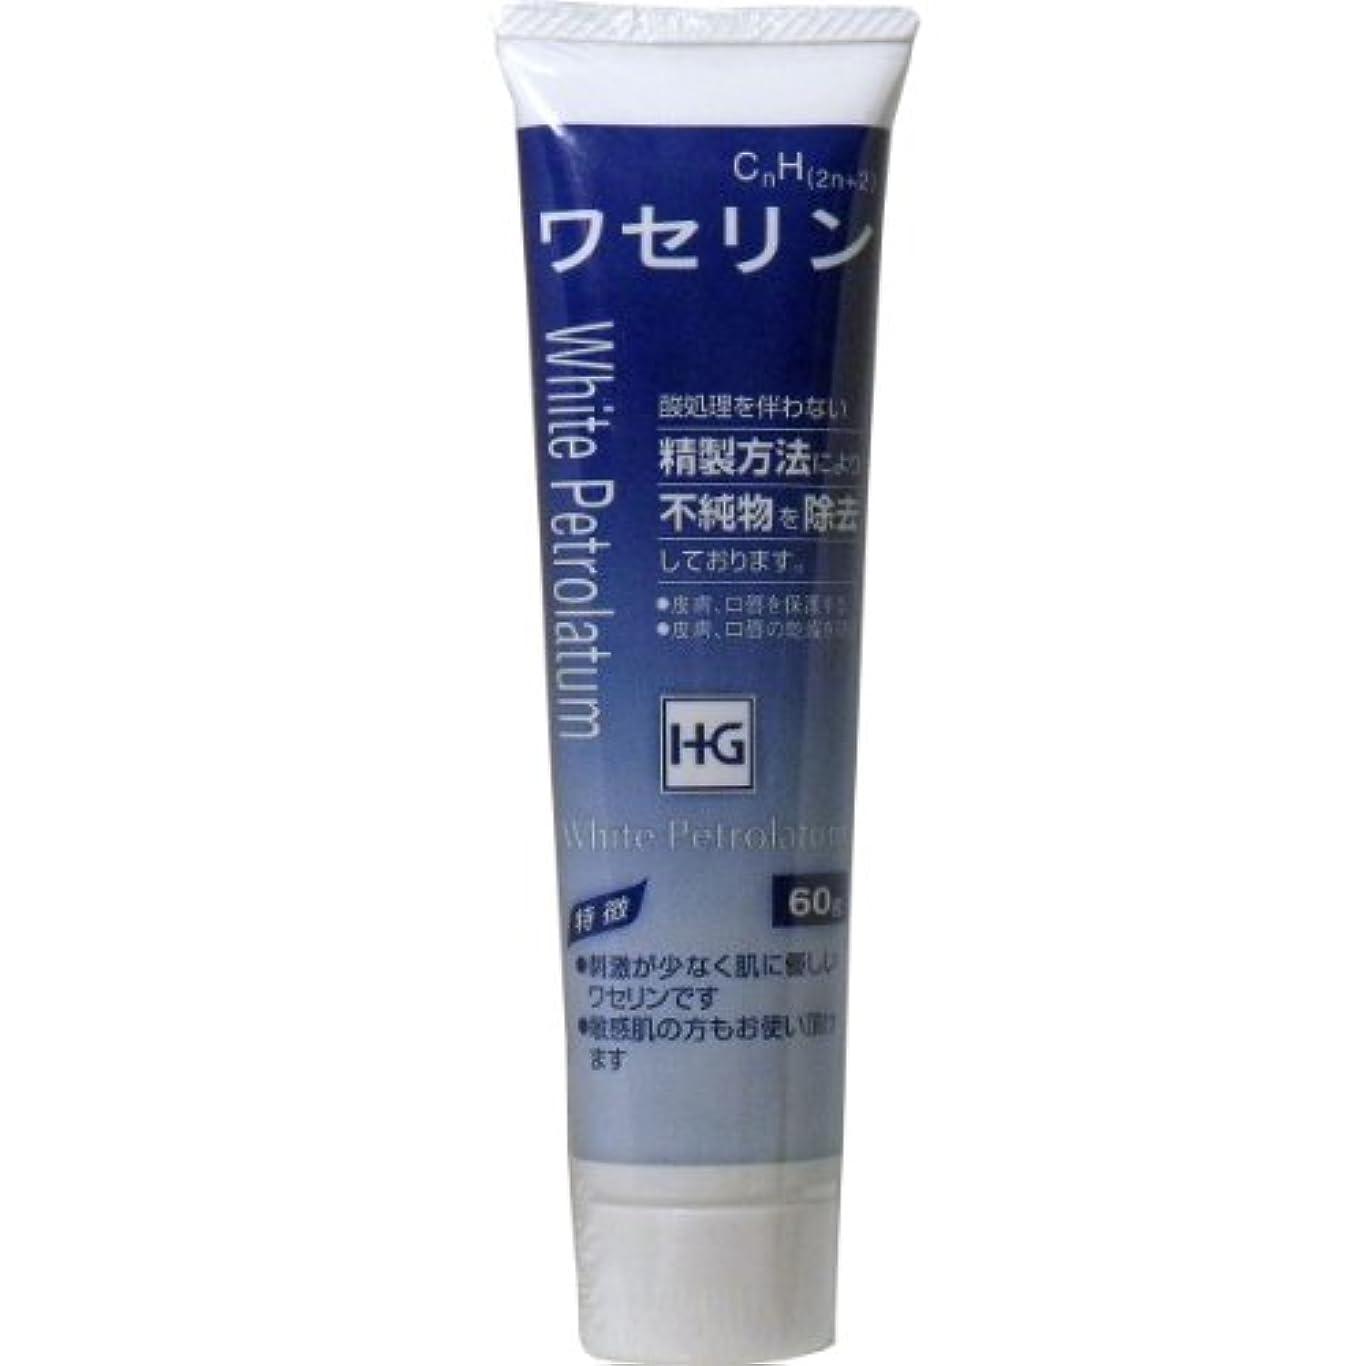 いとこ形状怠な皮膚保護 ワセリンHG チューブ 60g入 ×5個セット